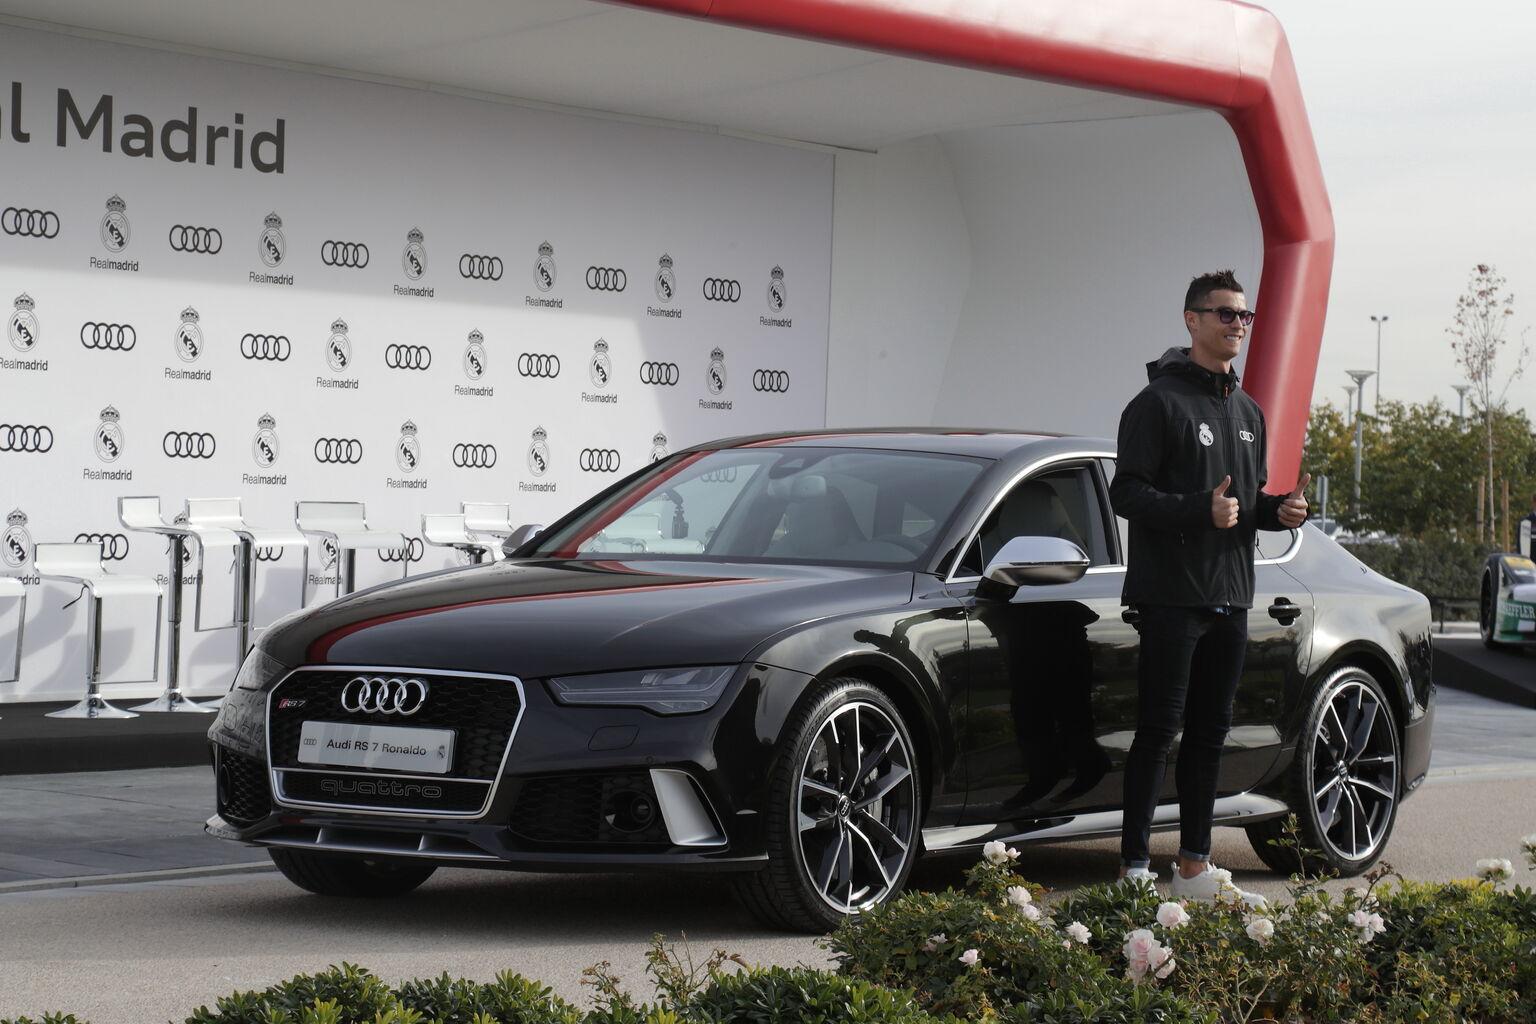 Sabes cuál es el nuevo coche de Cristiano Ronaldo?